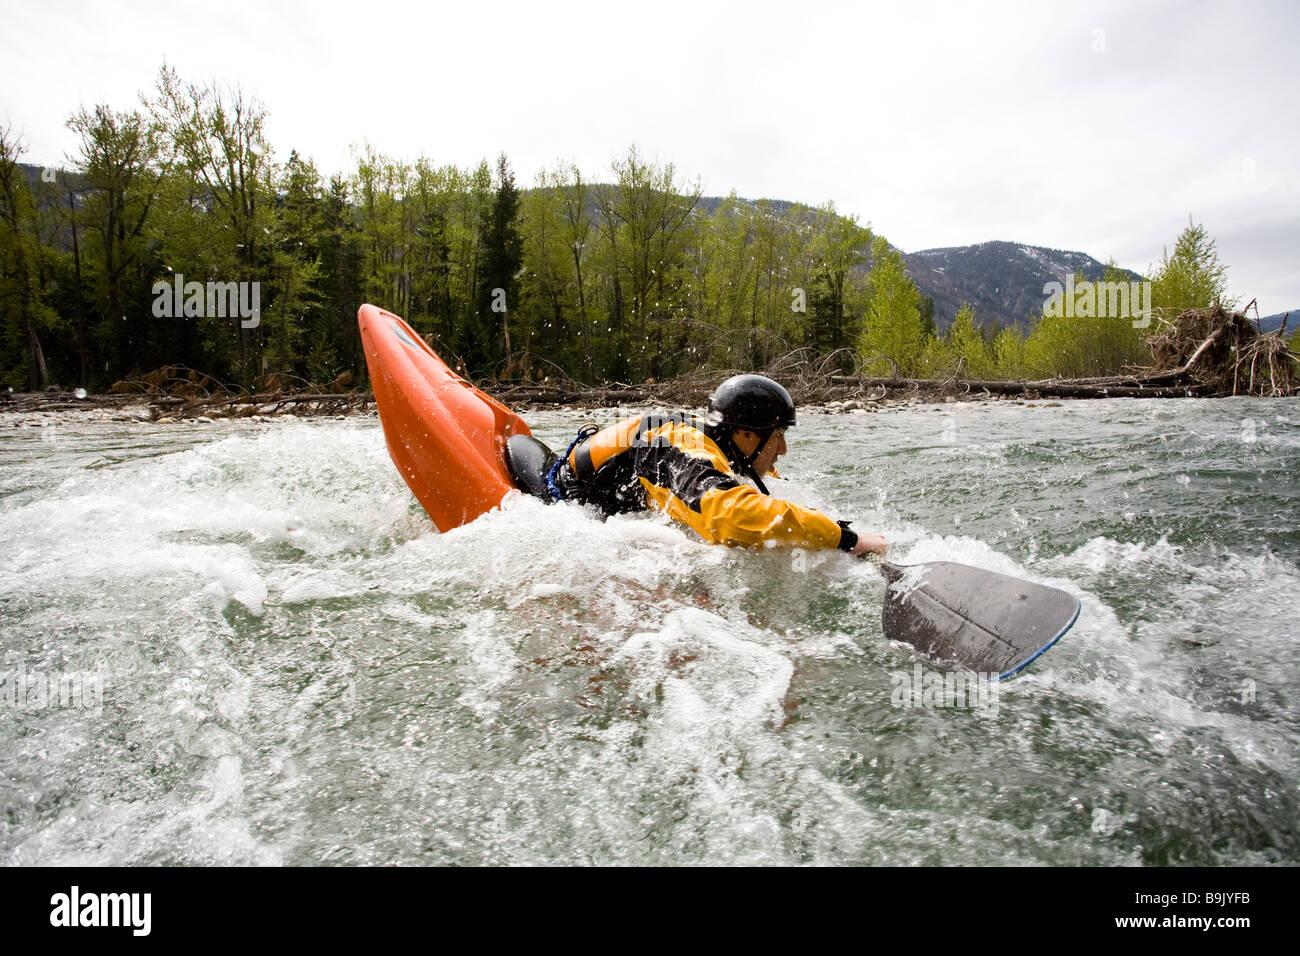 Ein Playboater genießt eine kleine Welle auf einem Fluss. Stockbild